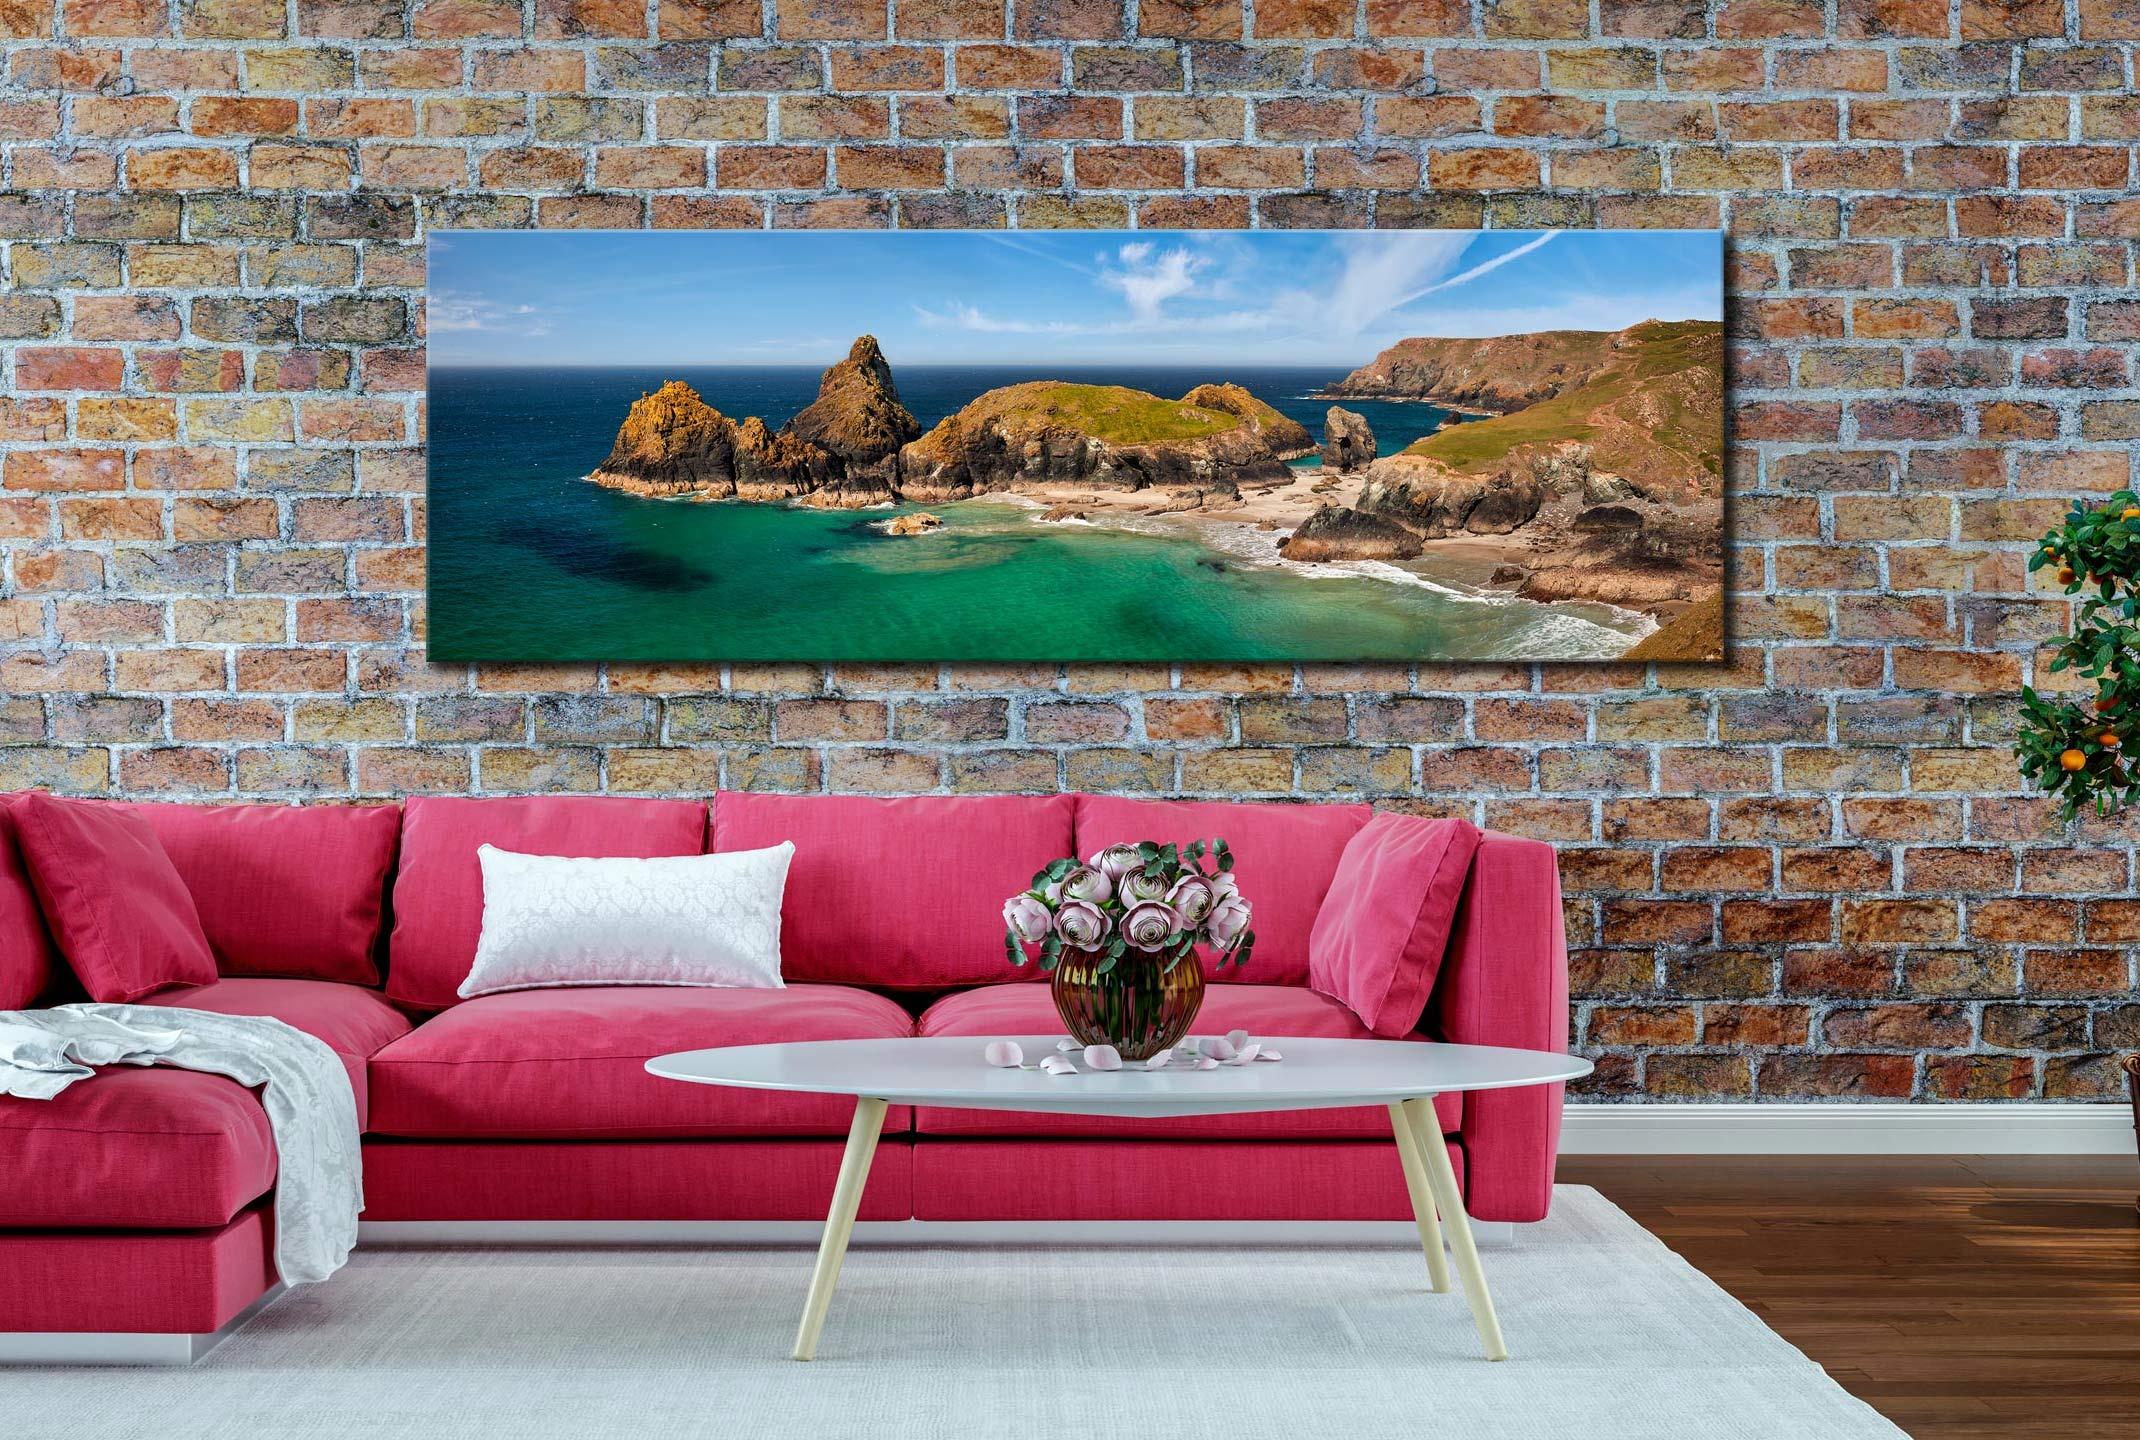 Asparagus Island Kynance Cove Canvas on Wall